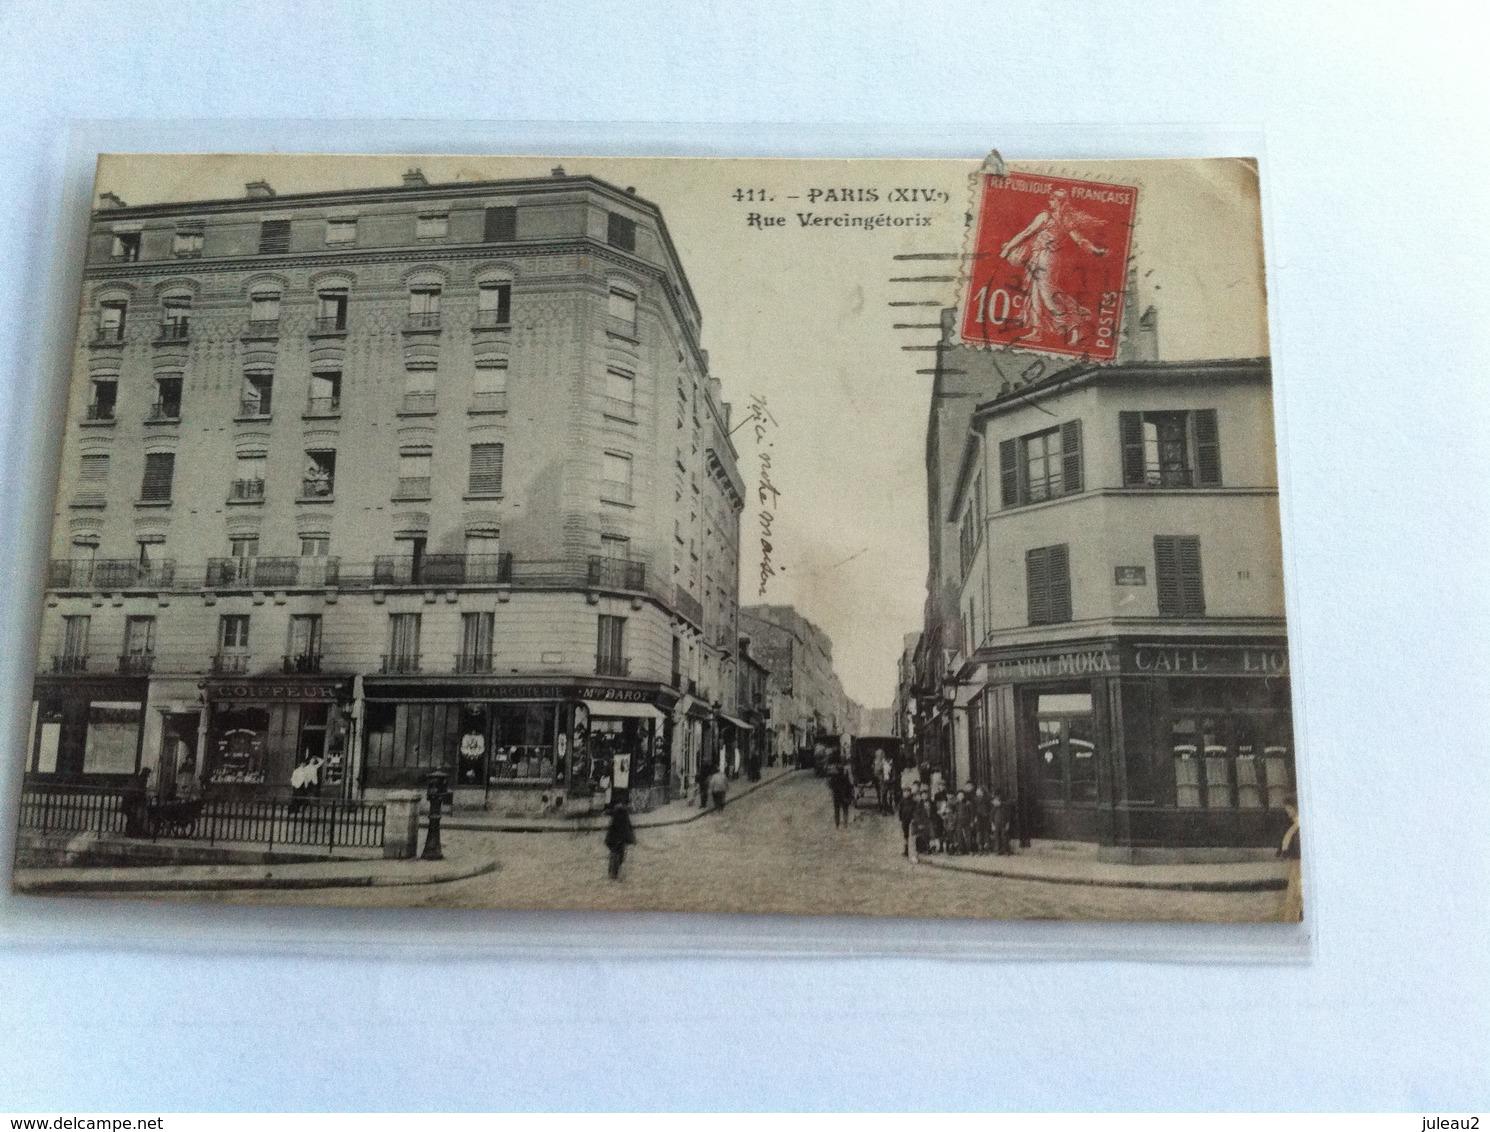 411 - Paris (XIV) Rue Vercingétorix - District 14